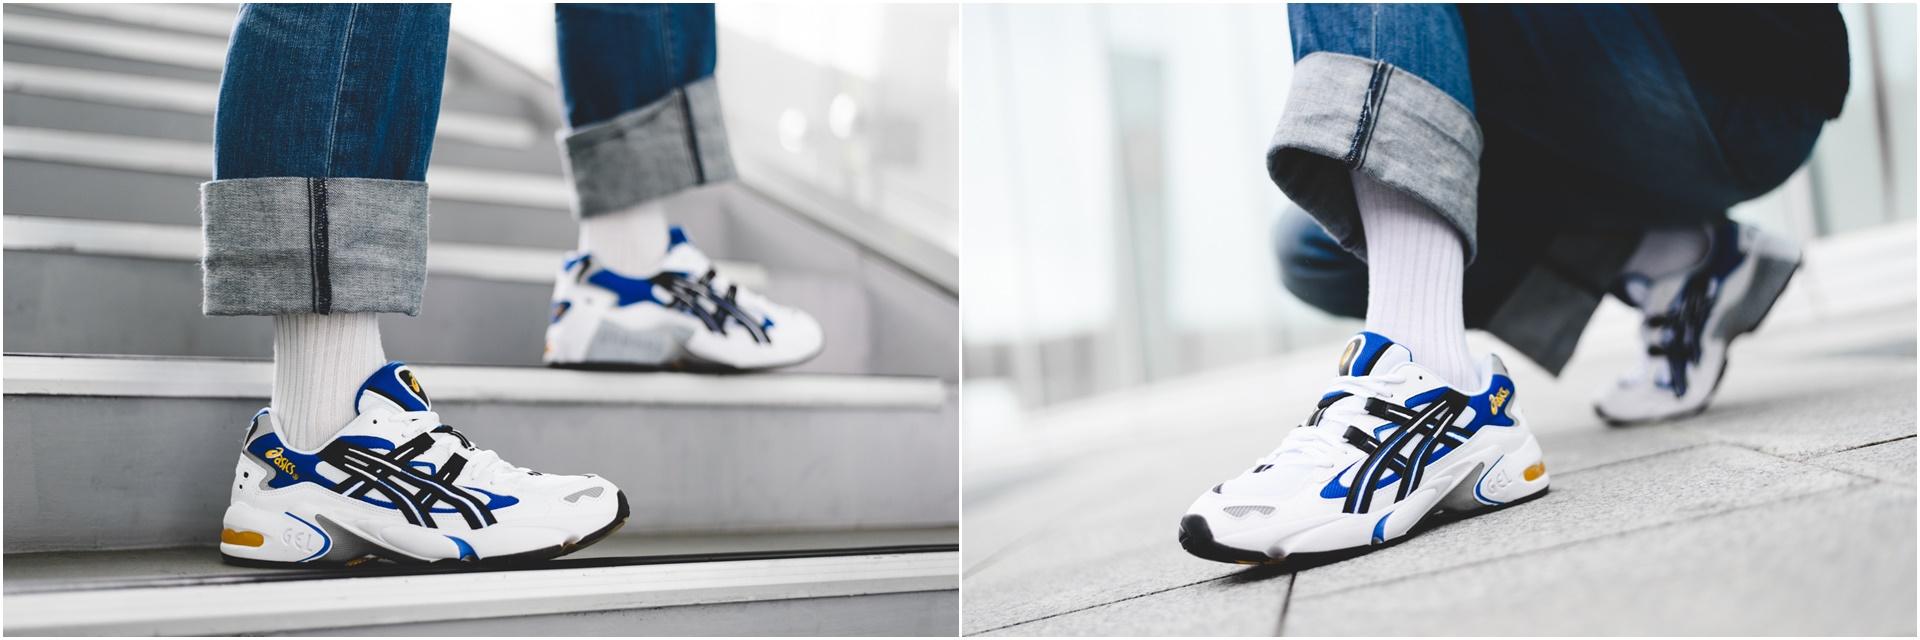 時裝周殺手級鞋款!ASICS 旗下 ASICSTIGER 正宗「老爹鞋」大搶鎂光燈,最新 GEL-KAYANO 5 OG 逆轉時空回歸 90 年代!